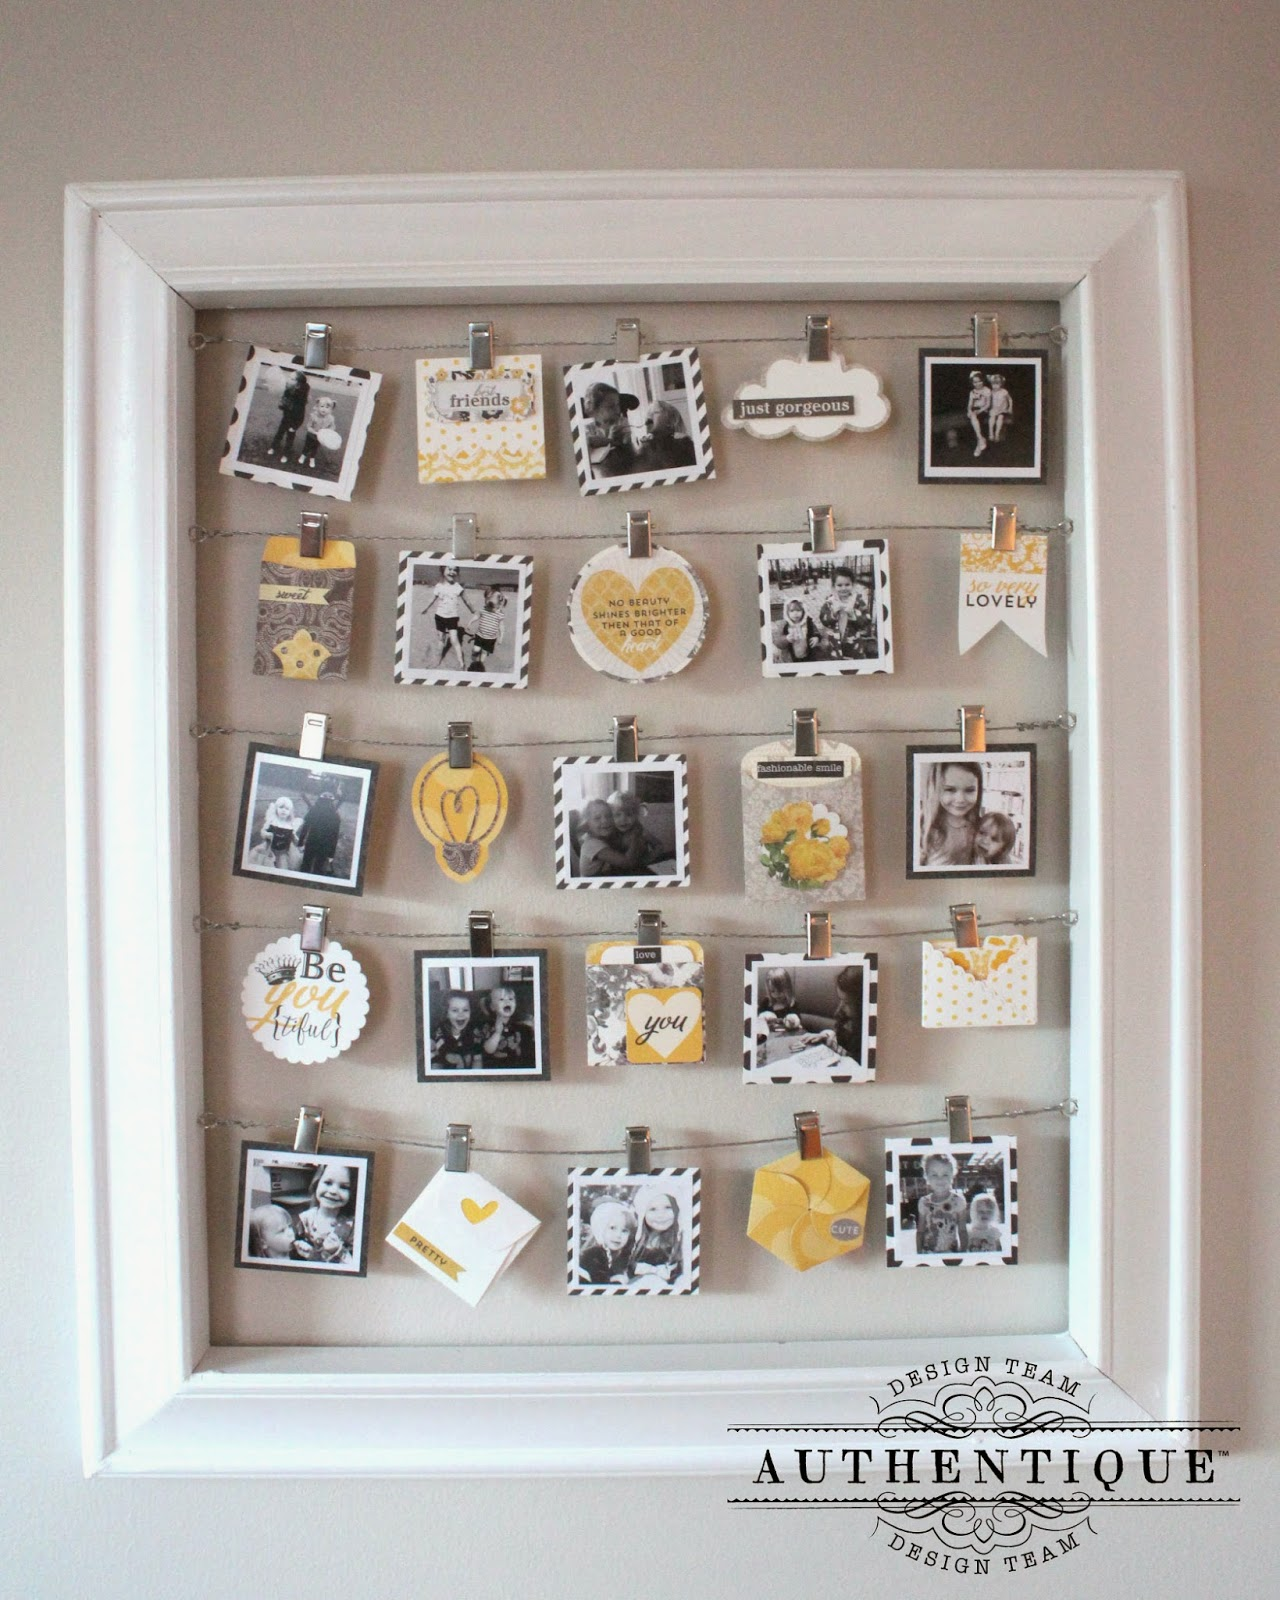 Authentique Paper Beautiful Home Decor With Classique